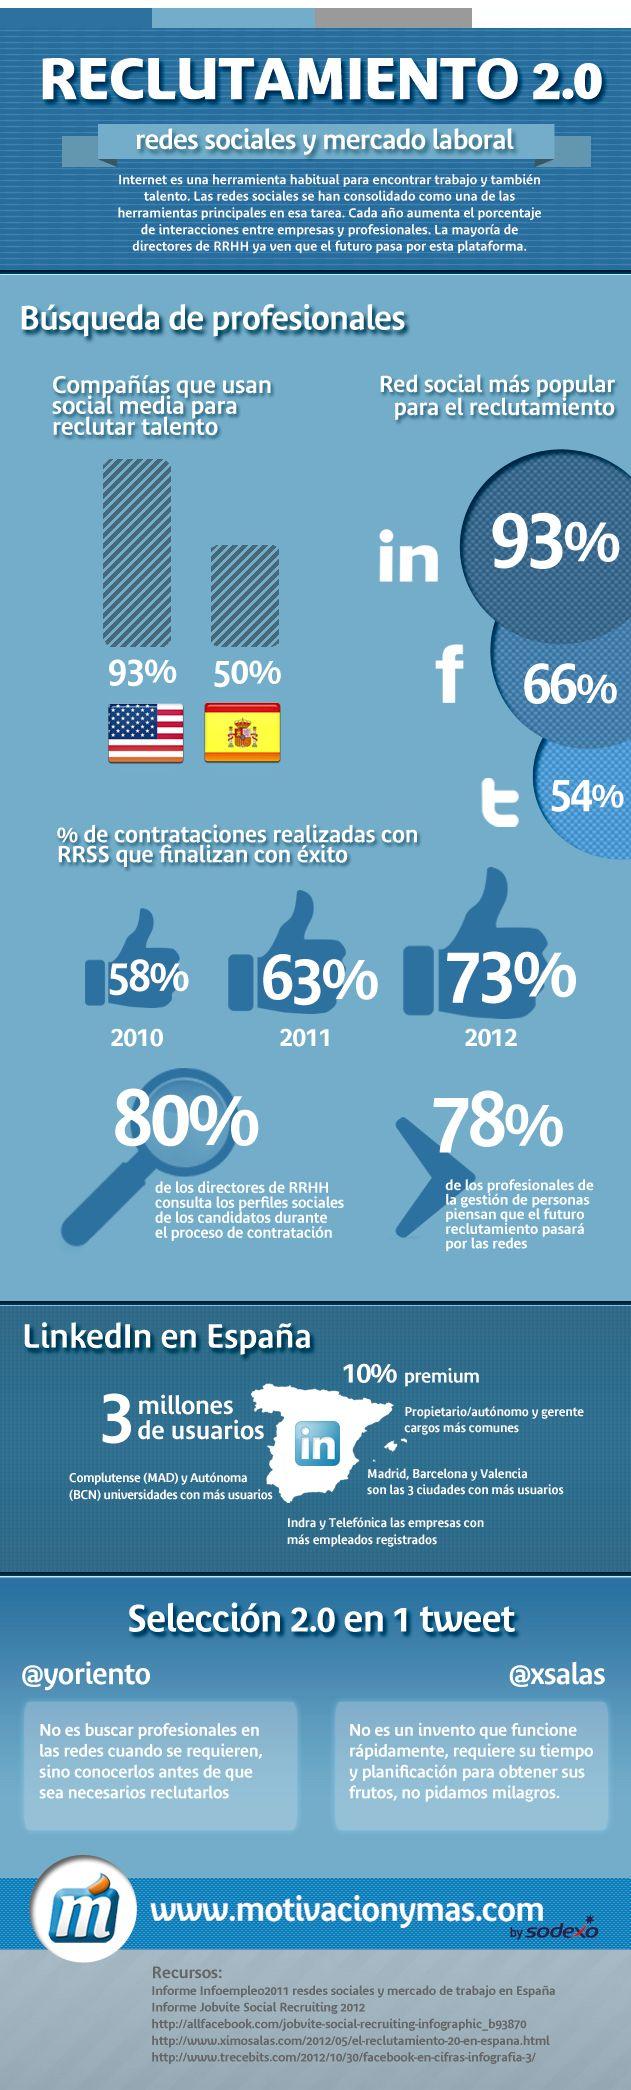 #Reclutamiento 2.0: Redes Sociales y mercado laboral.